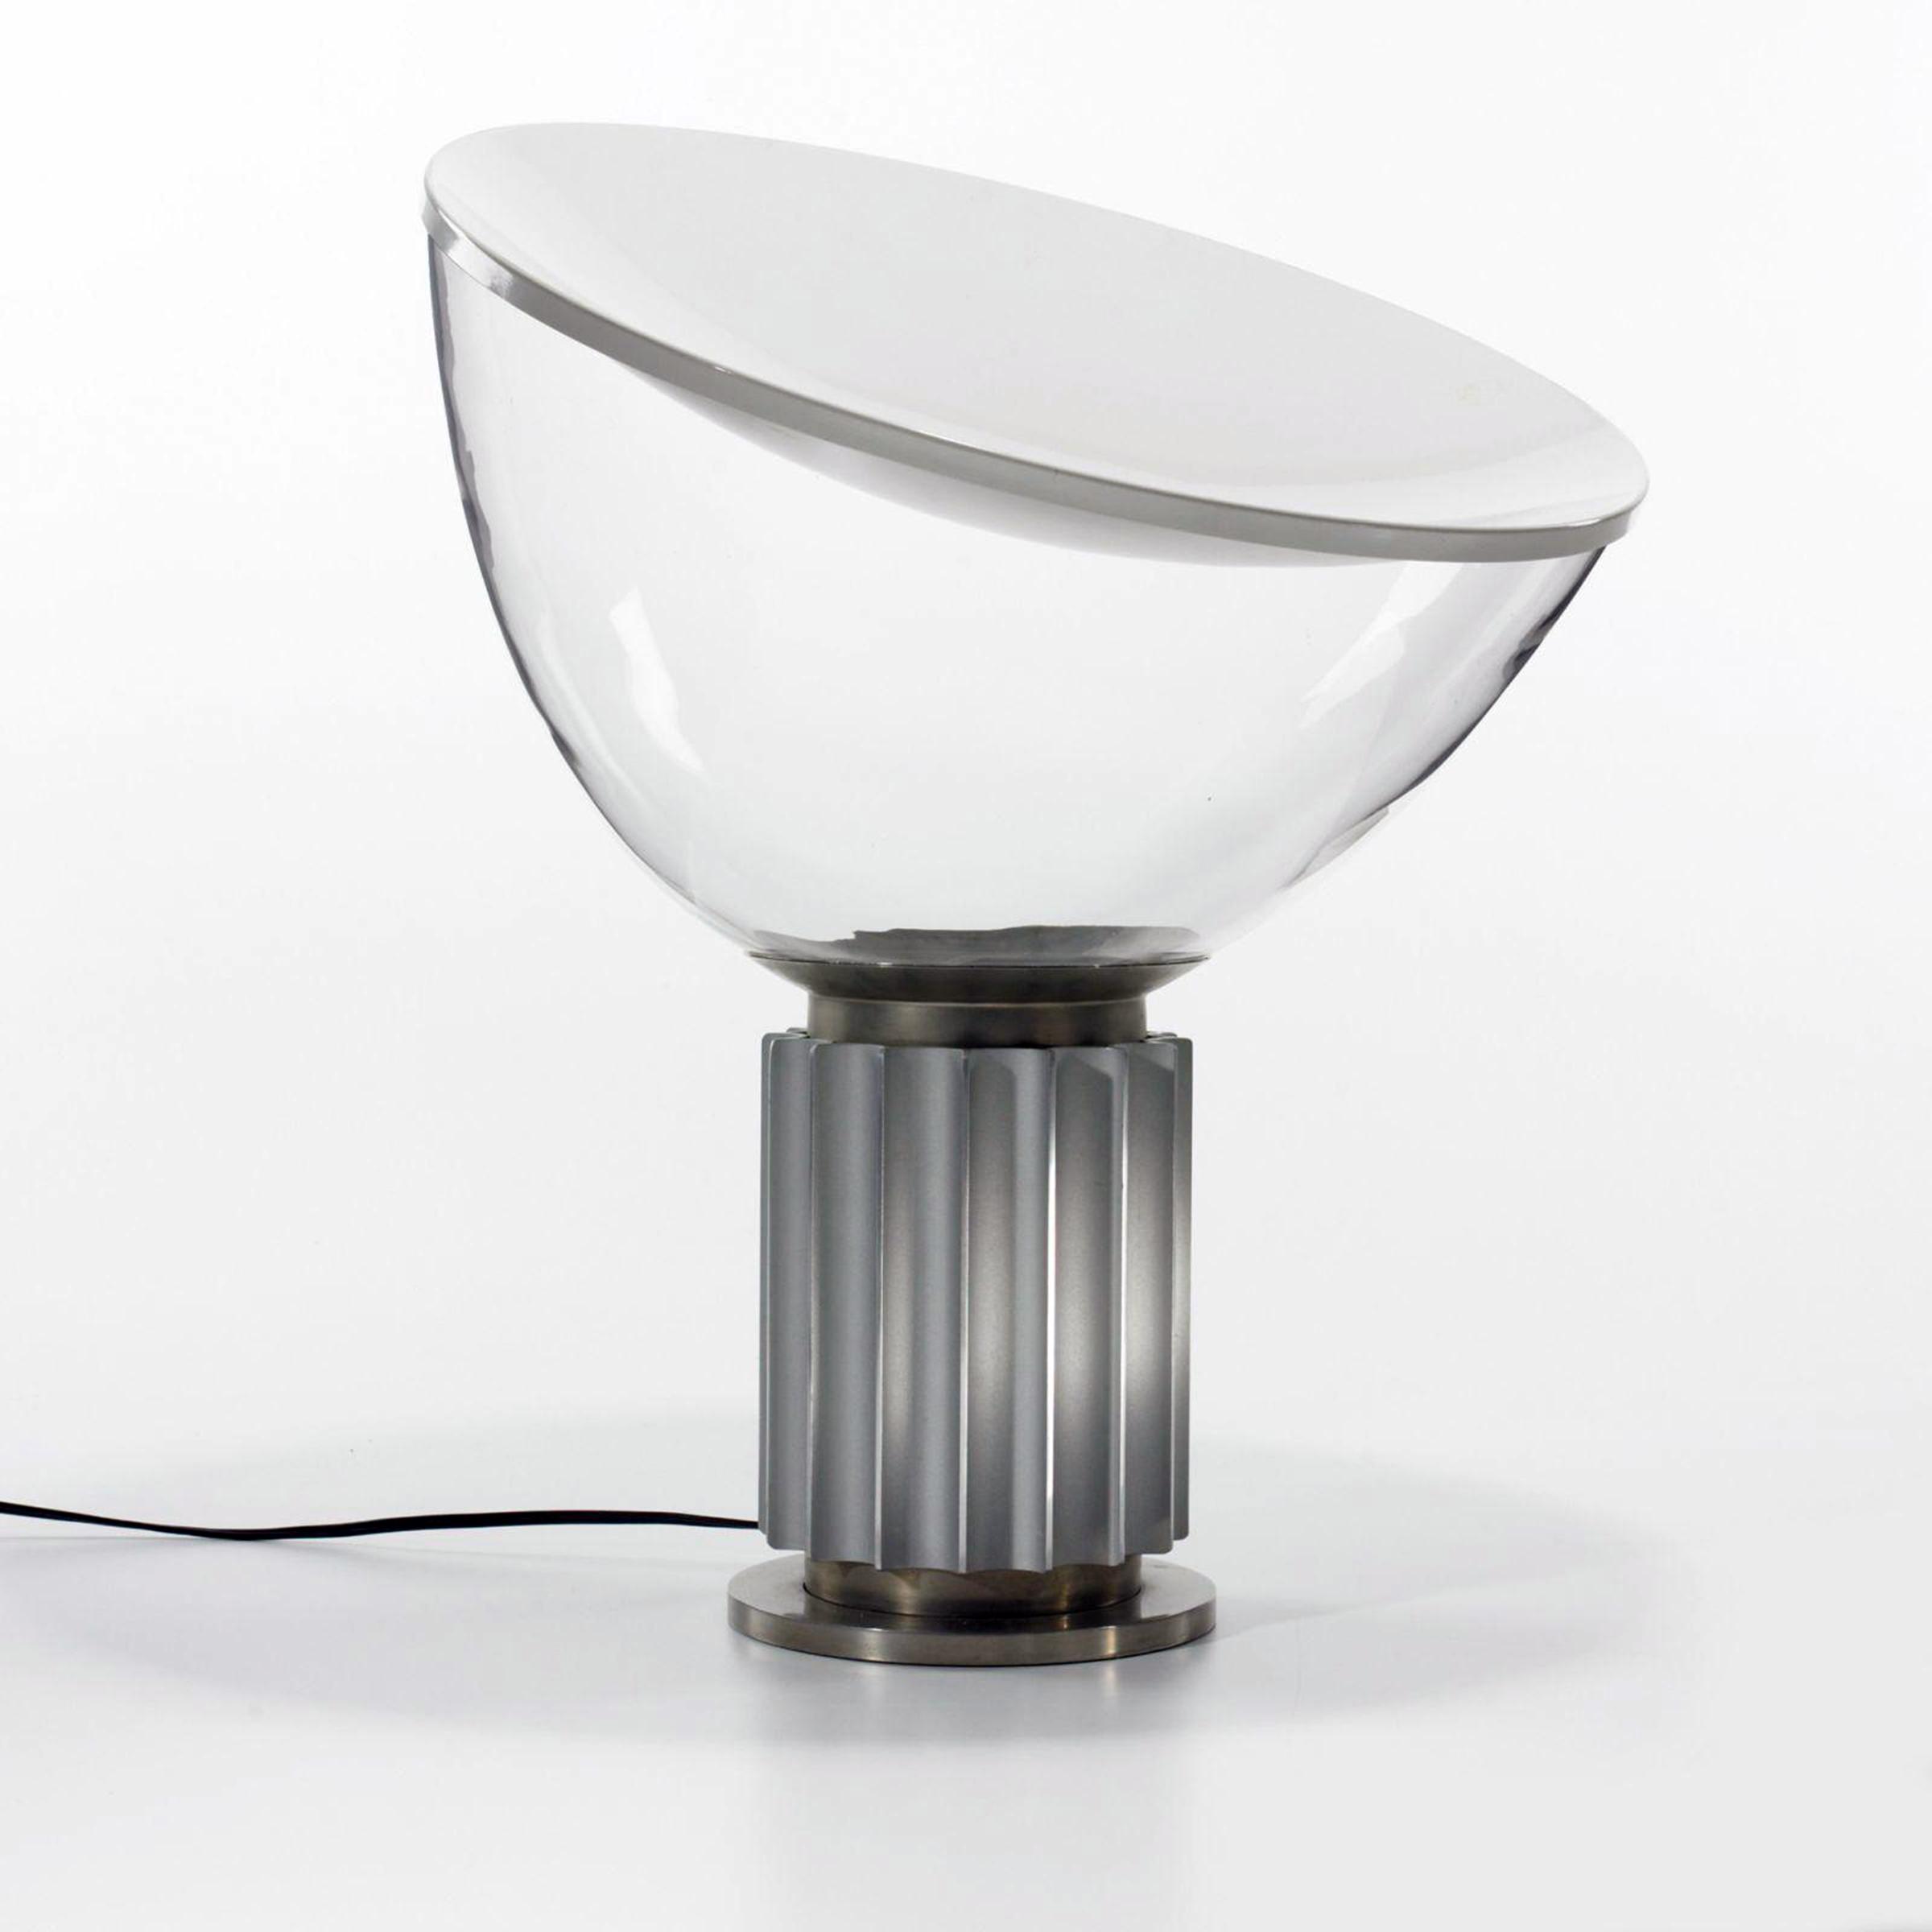 Designapplause taccia achille and pier giacomo castiglioni for Castiglioni light